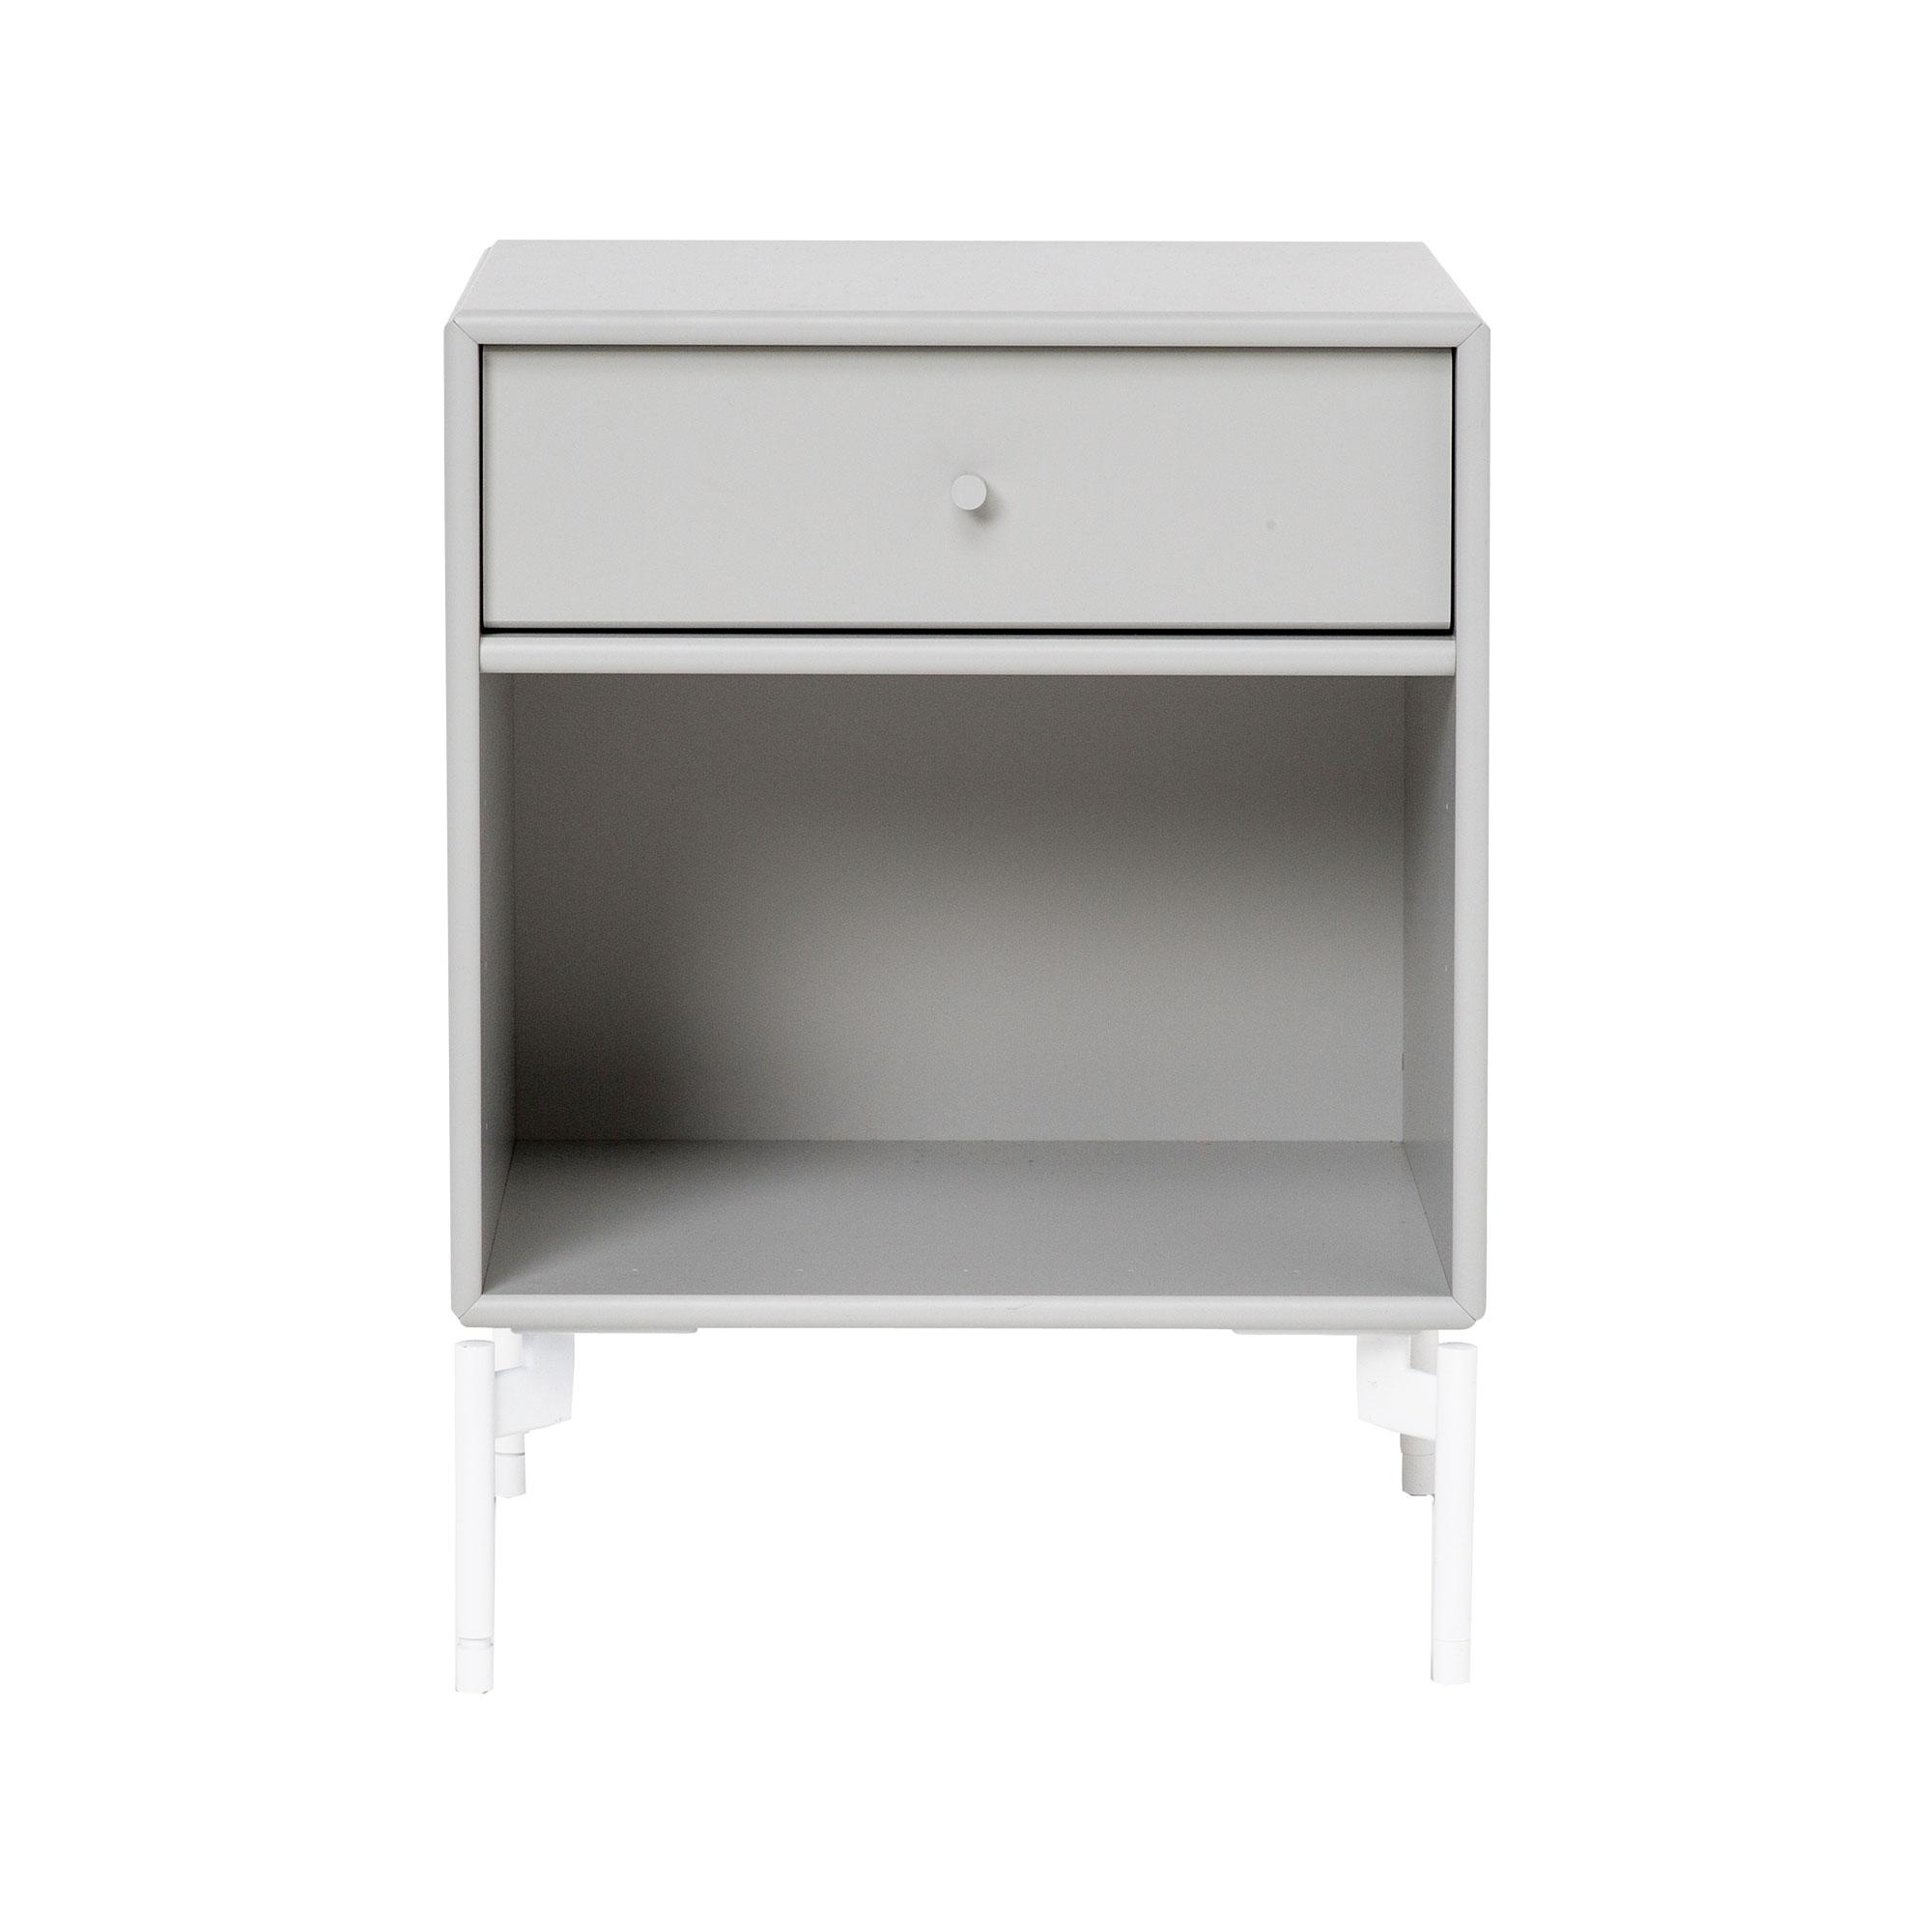 Montana - Dream Nachttisch mit Schublade H: 48cm - nordic 09/lackiert/BxHxT 35|4x48x30cm | Schlafzimmer > Nachttische | Nordic 09 | Mdf lackiert | Montana